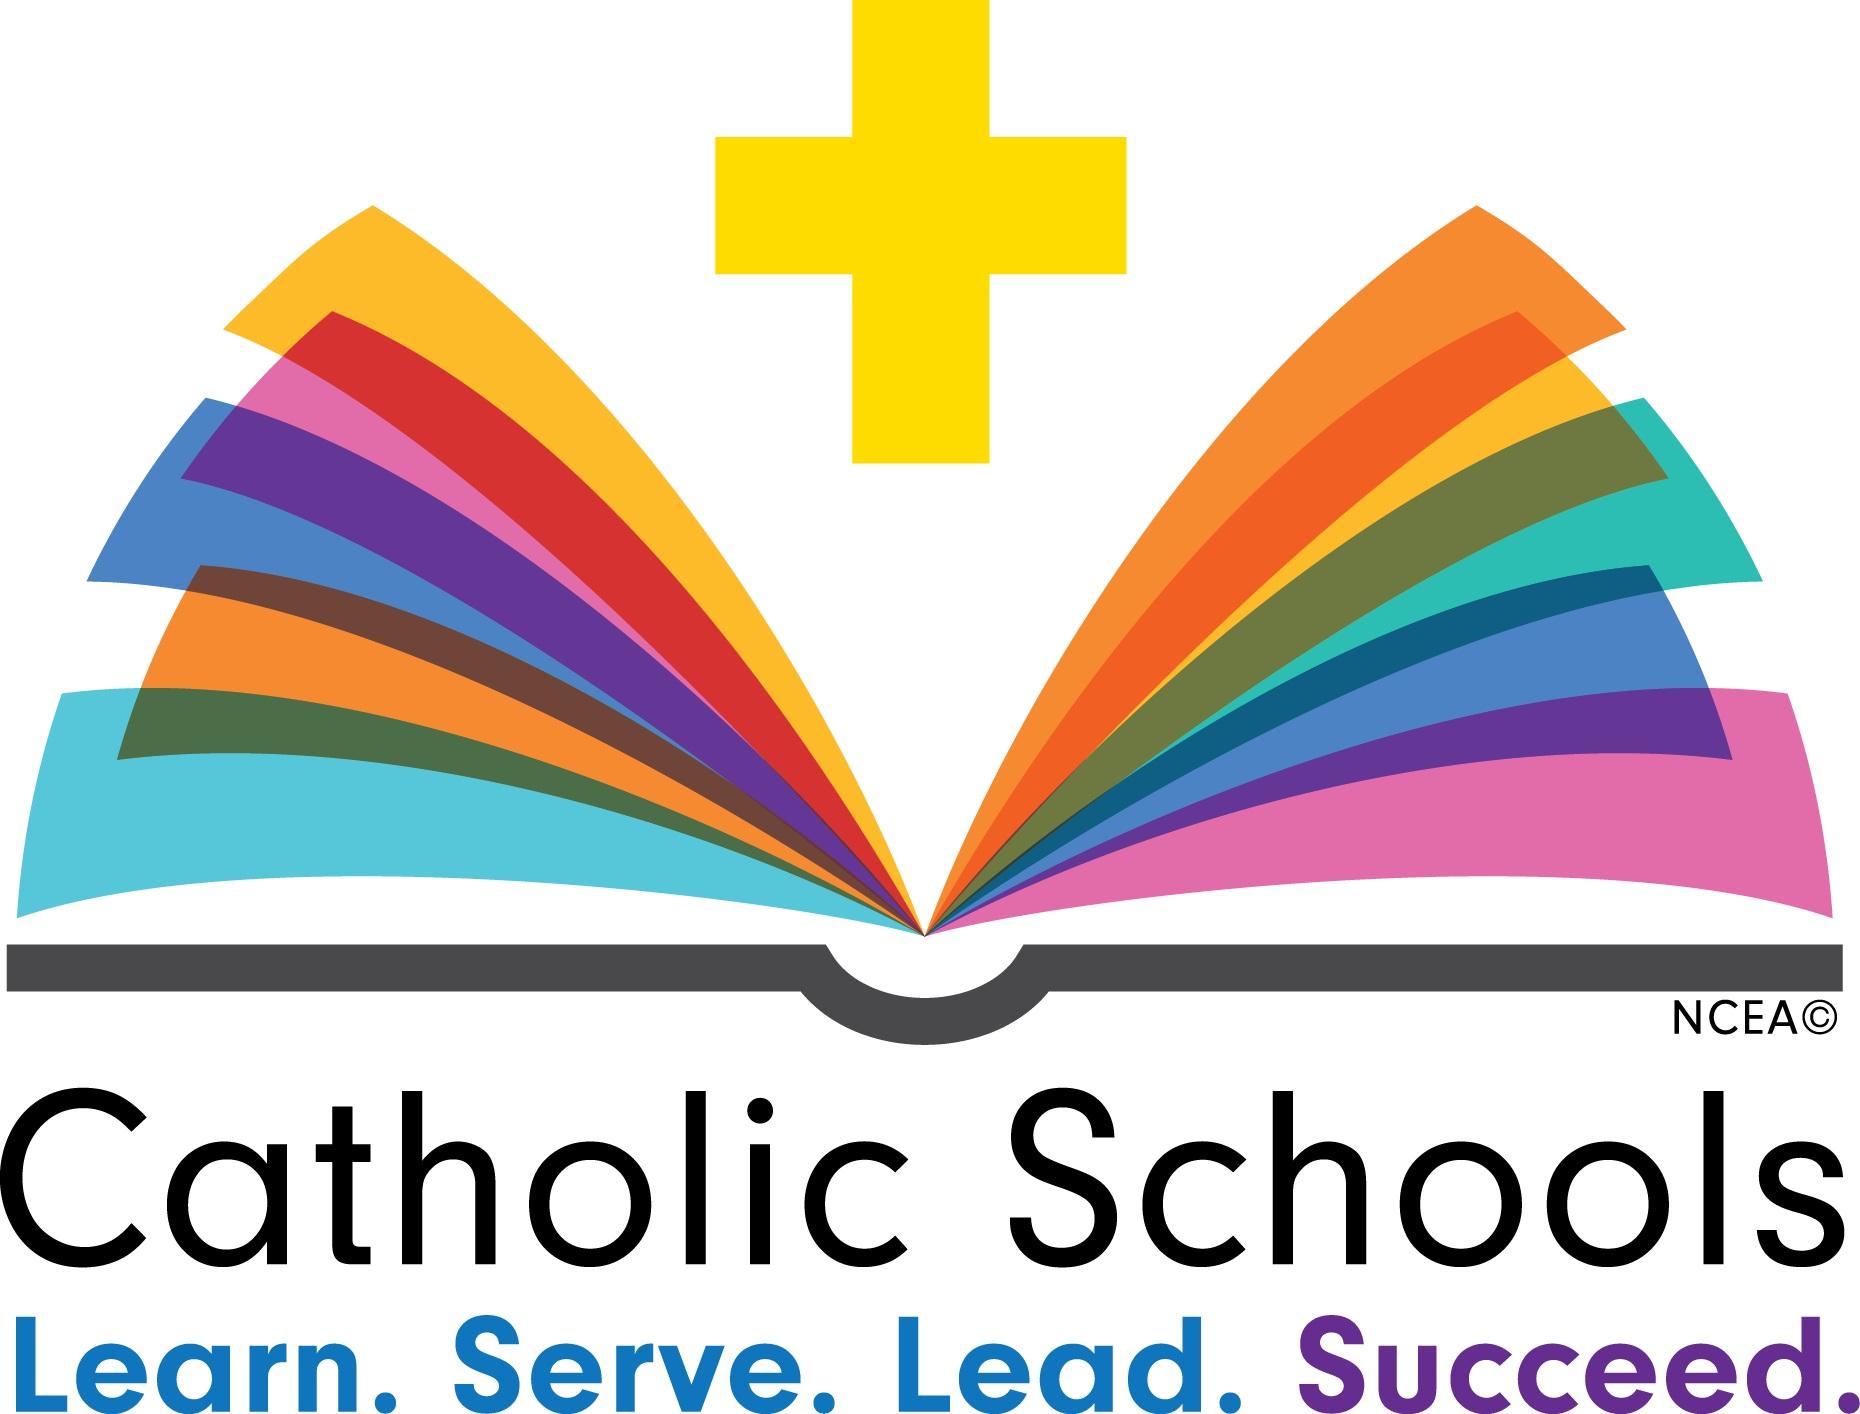 CELEBRATE CATHOLIC SCHOOLS WEEK #CSW19